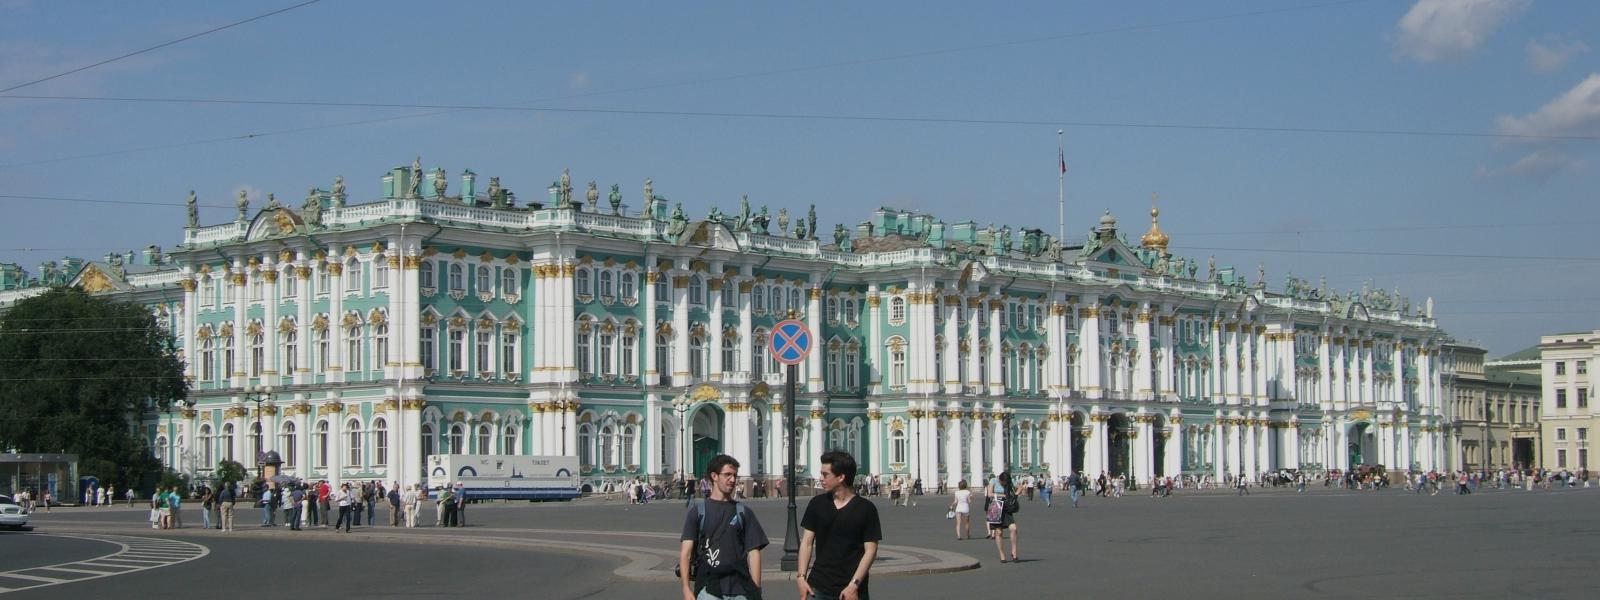 De Hermitage met zijn enorme collectie schilderijen